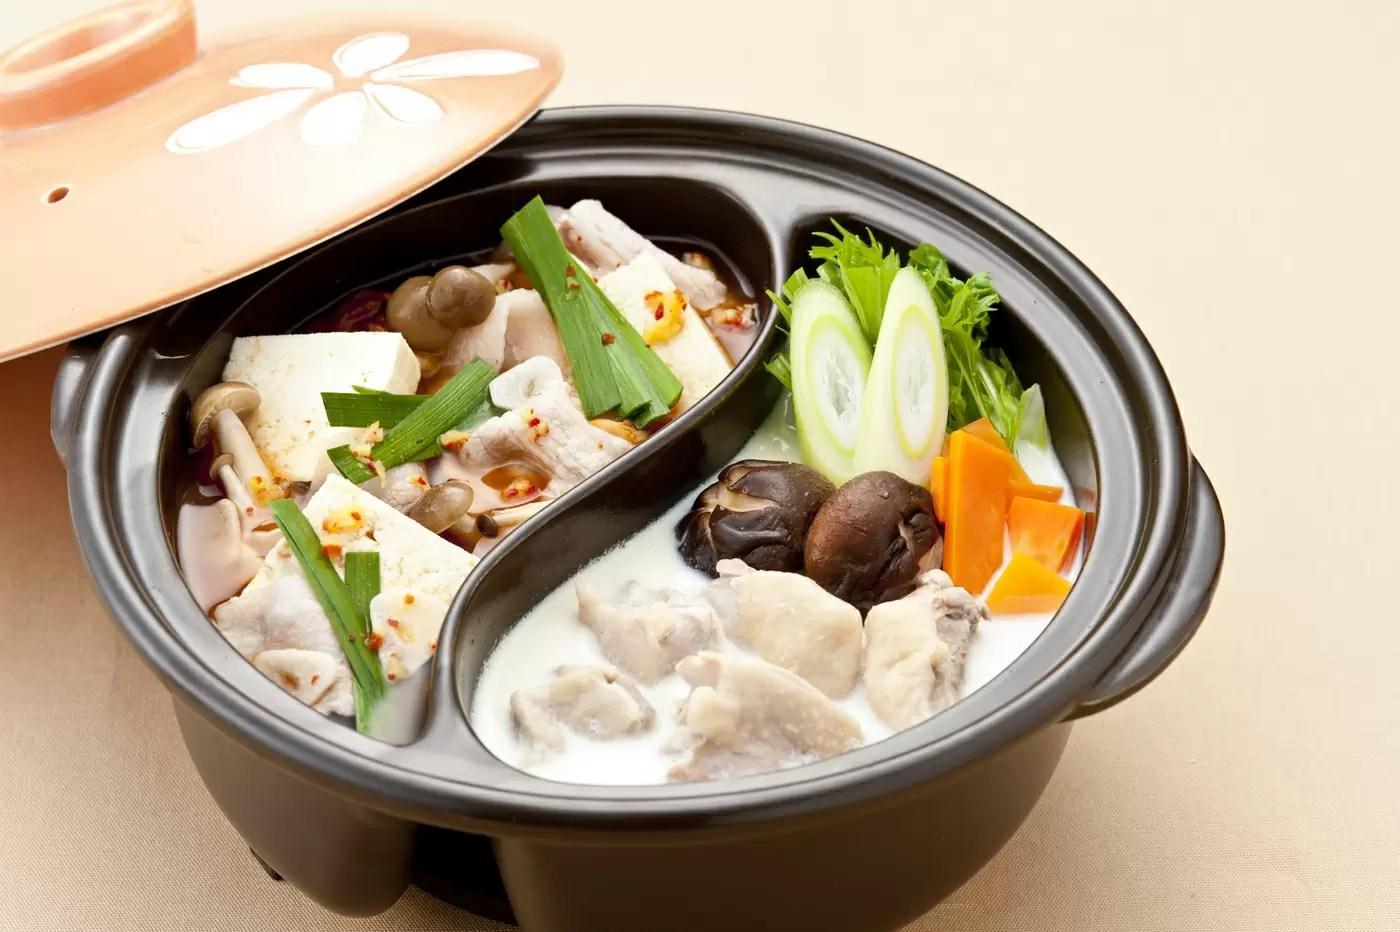 仕切り鍋おすすめ12選と料理家に聞く選び方|數種類の味を楽しもう! | マイナビおすすめナビ